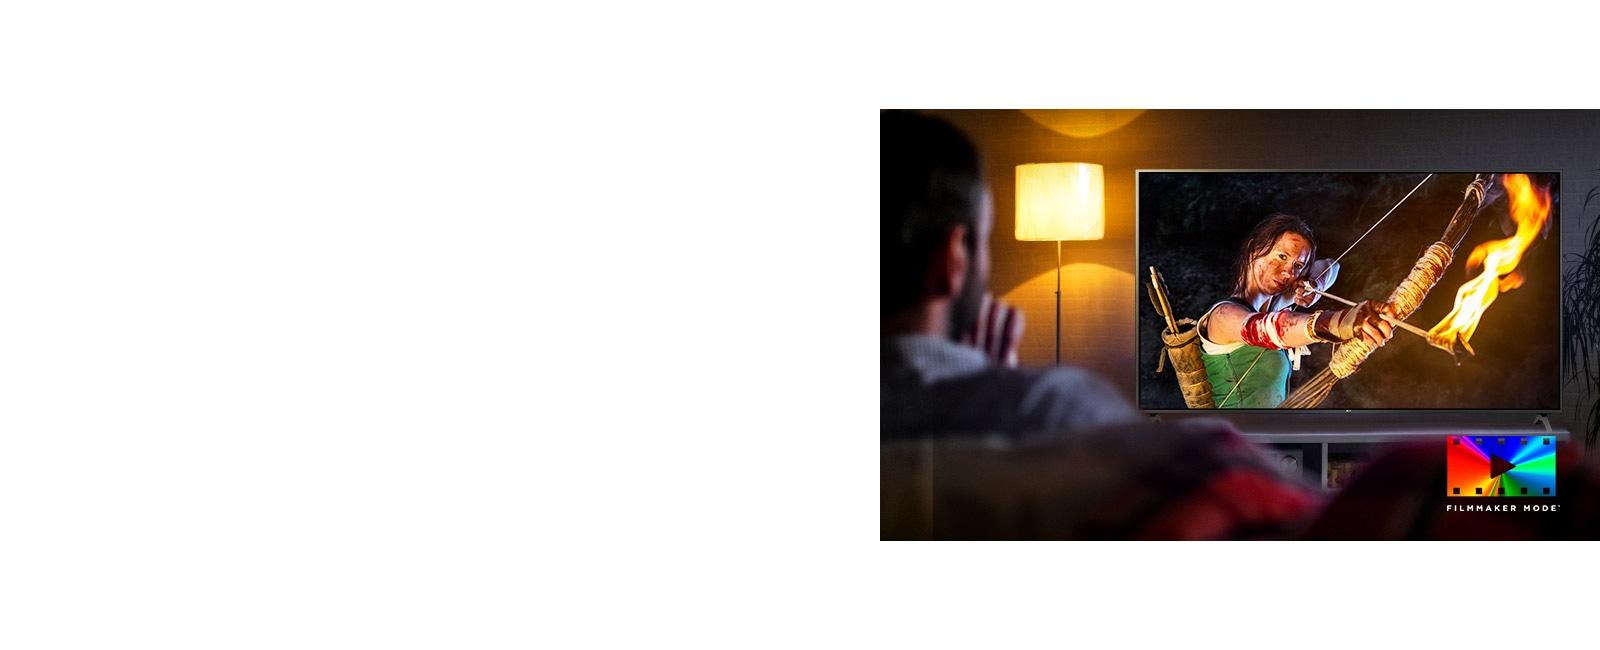 Мужчина сидит на диване, смотрит фильм в жанре экшн. Девушка на экране держит в руках натянутый лук и стрелу.